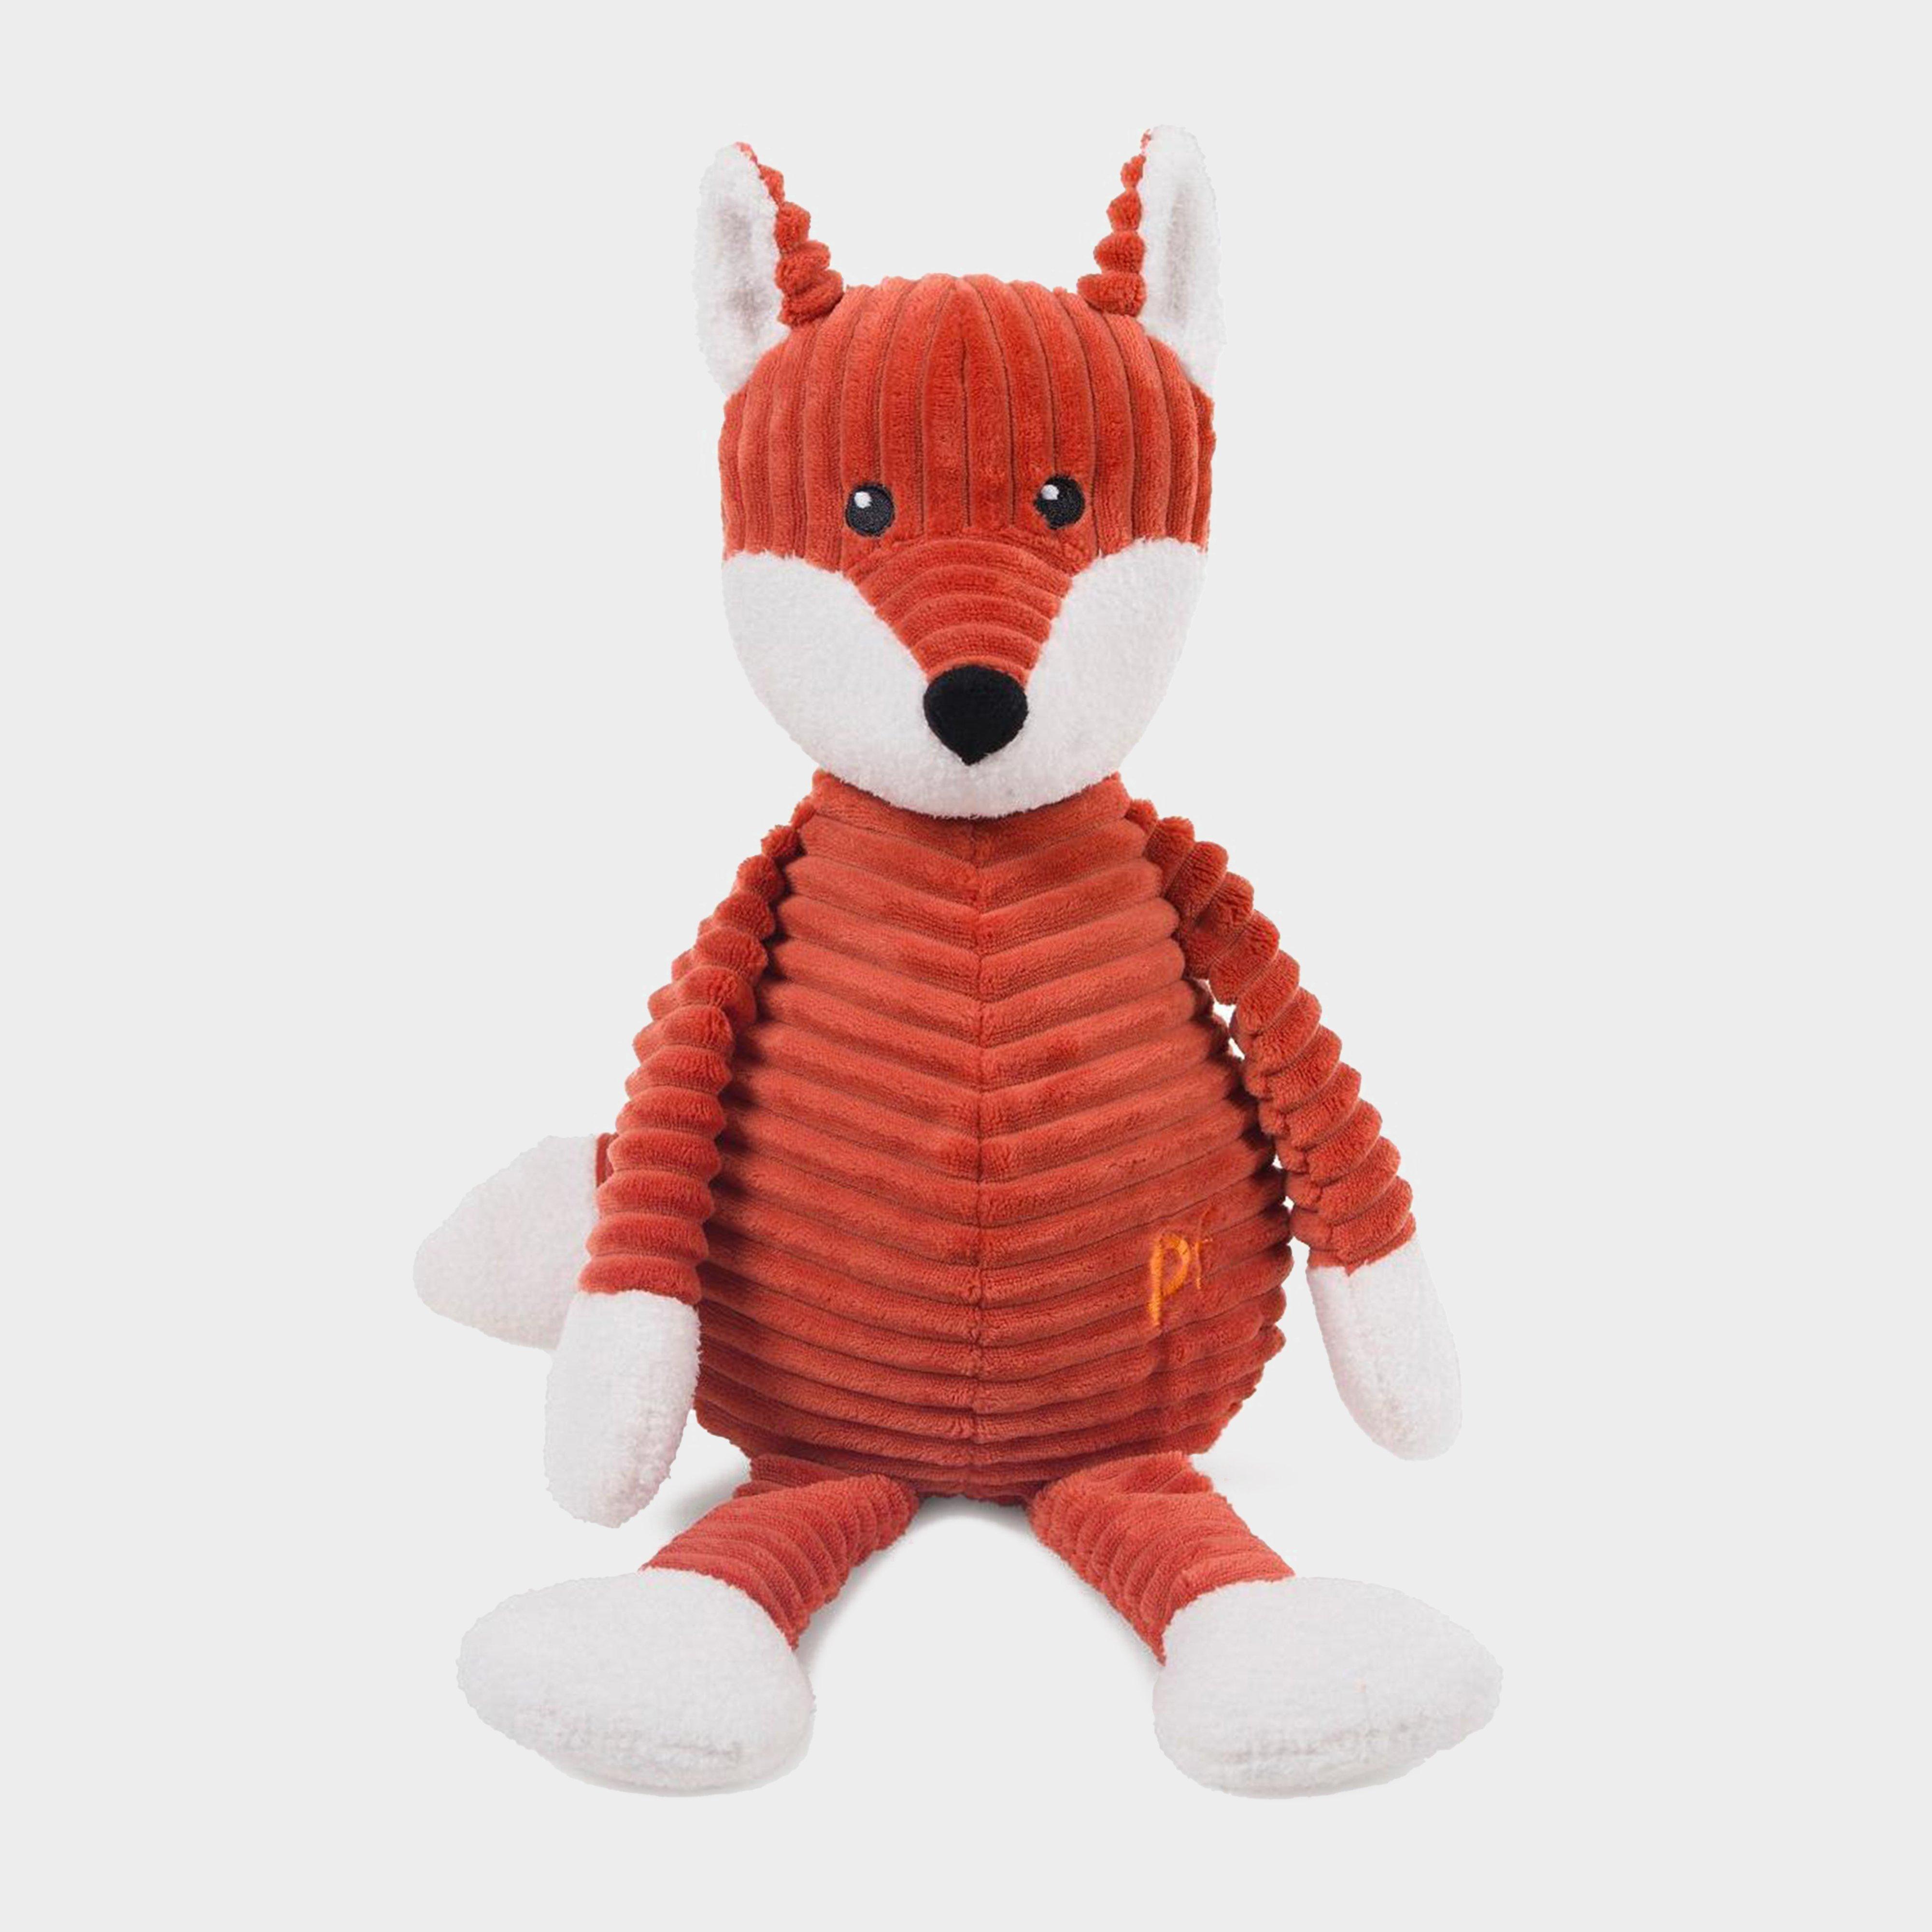 Image of Petface Farmyard Buddies Caterpillar Toy - Assorted/Assorted, ASSORTED/ASSORTED